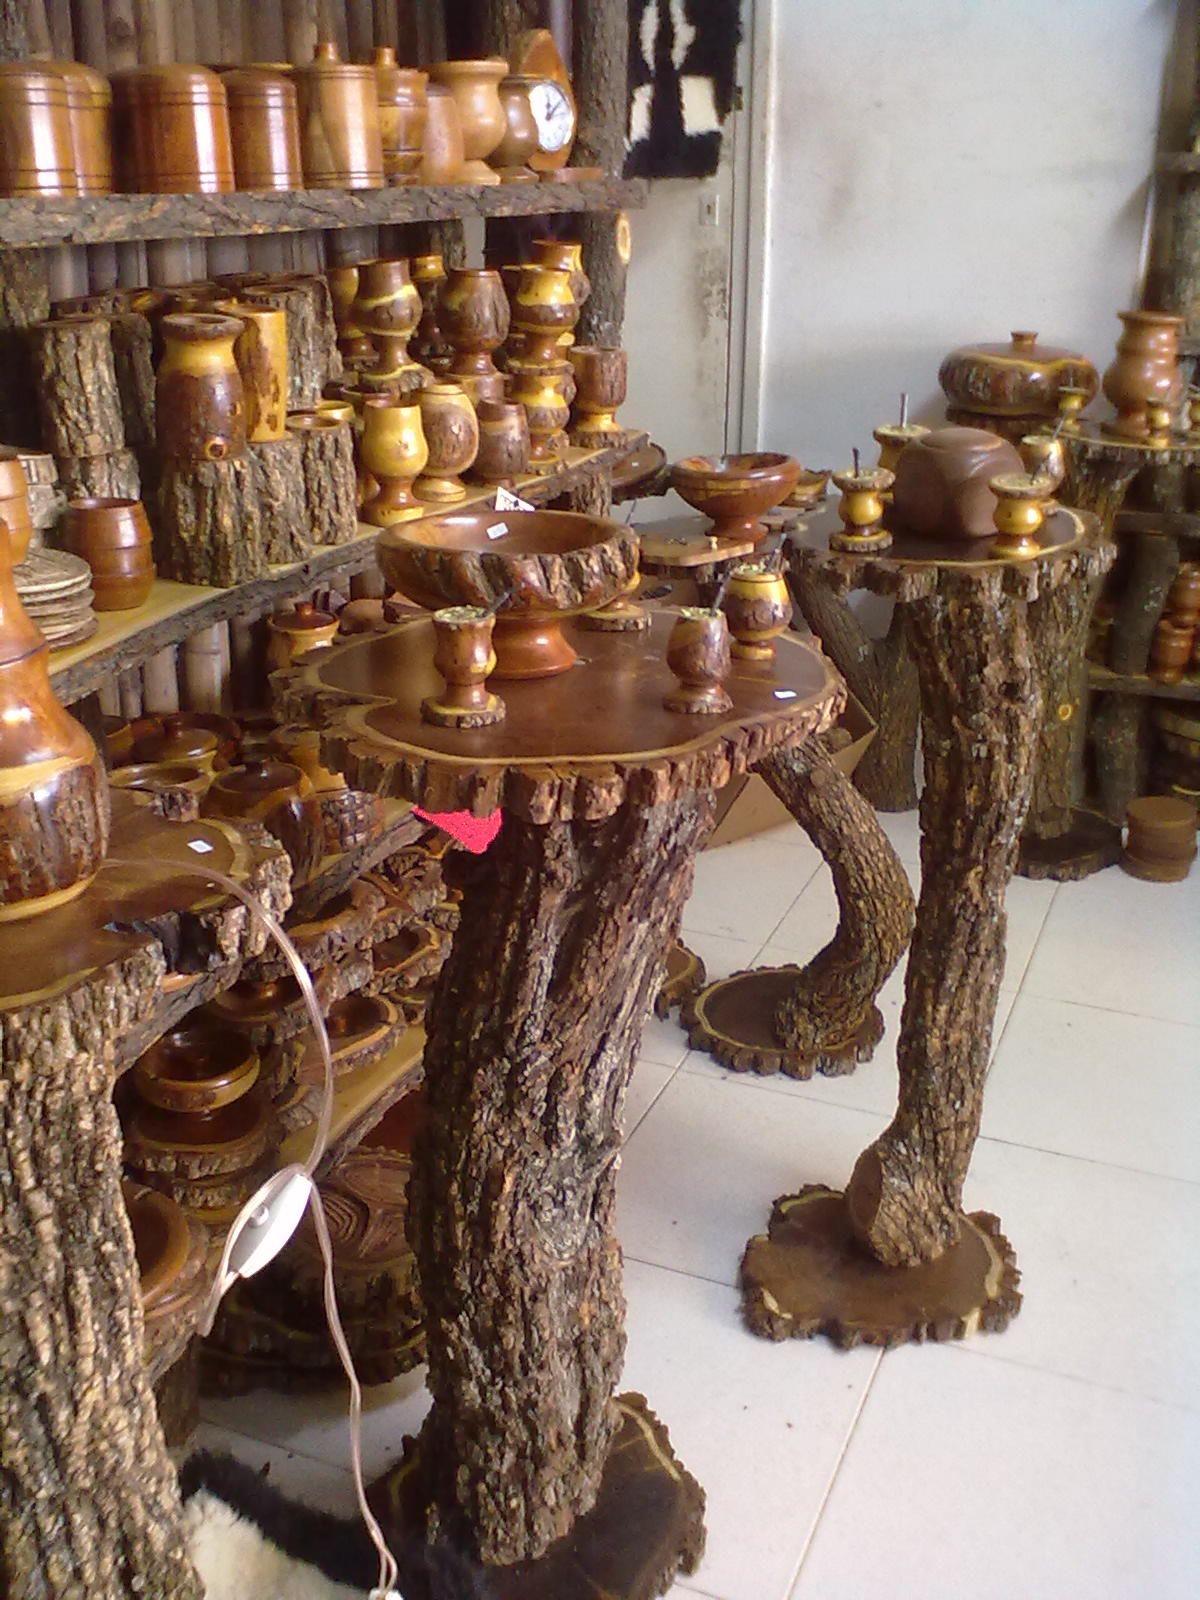 Artesanias rusticas de argentina fabrica de mates y for Muebles artesania